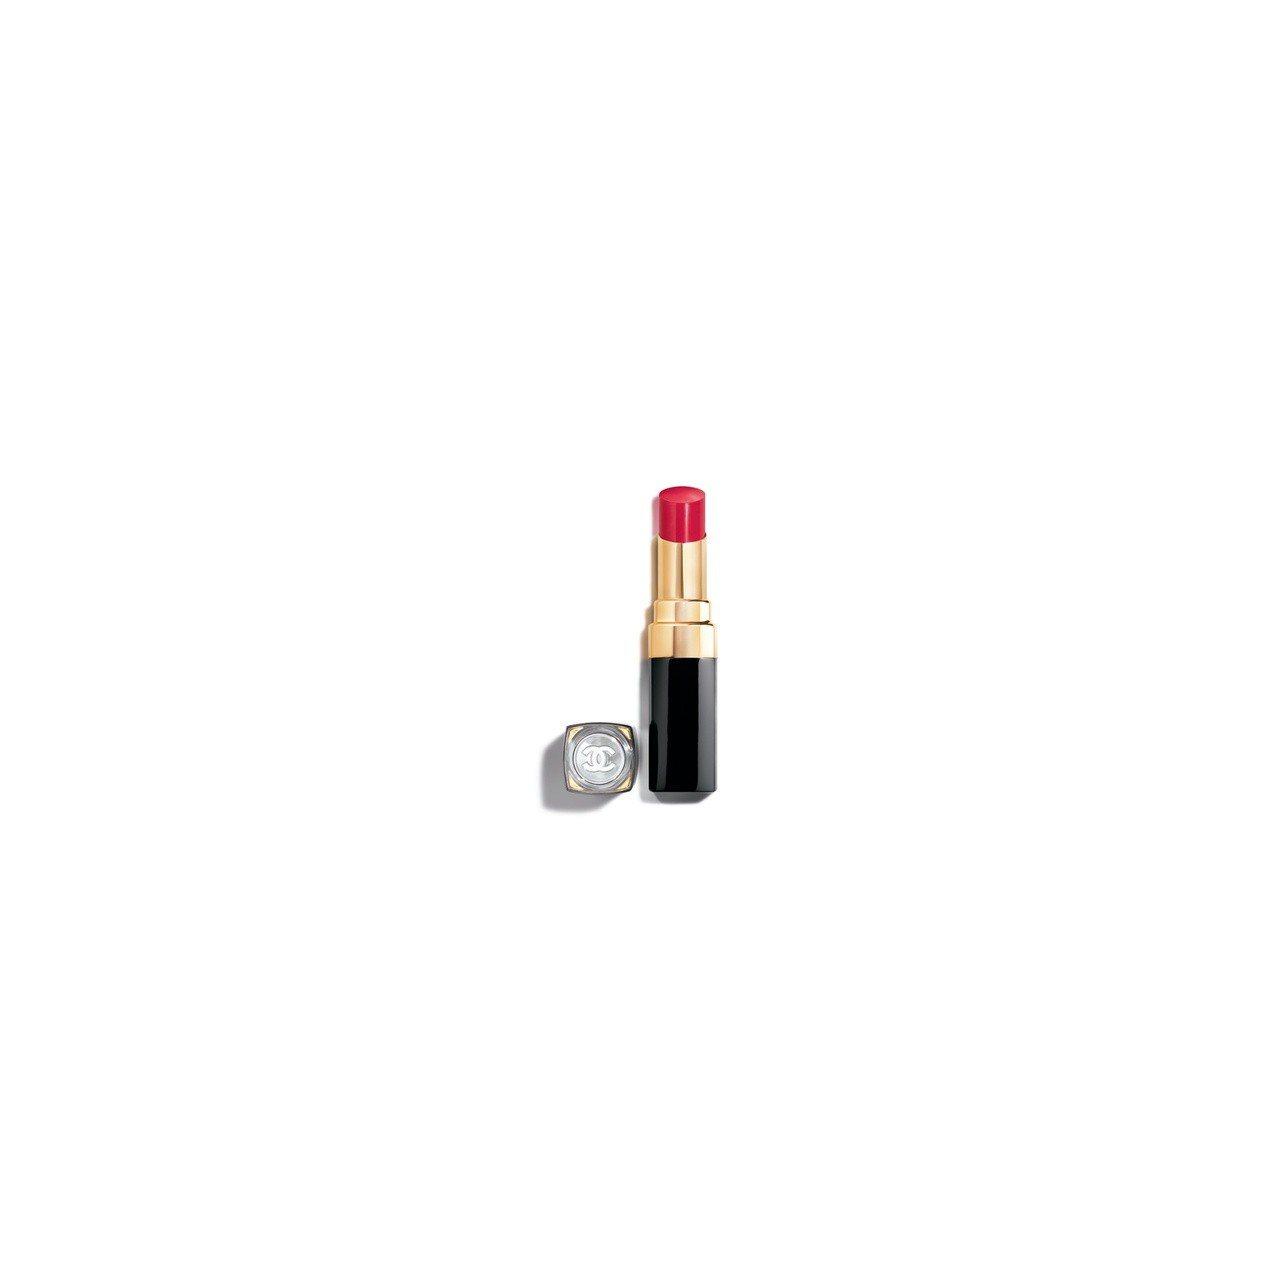 香奈兒COCO晶亮水唇膏#91 波希米亞、3g、1,280元。圖/香奈兒提供